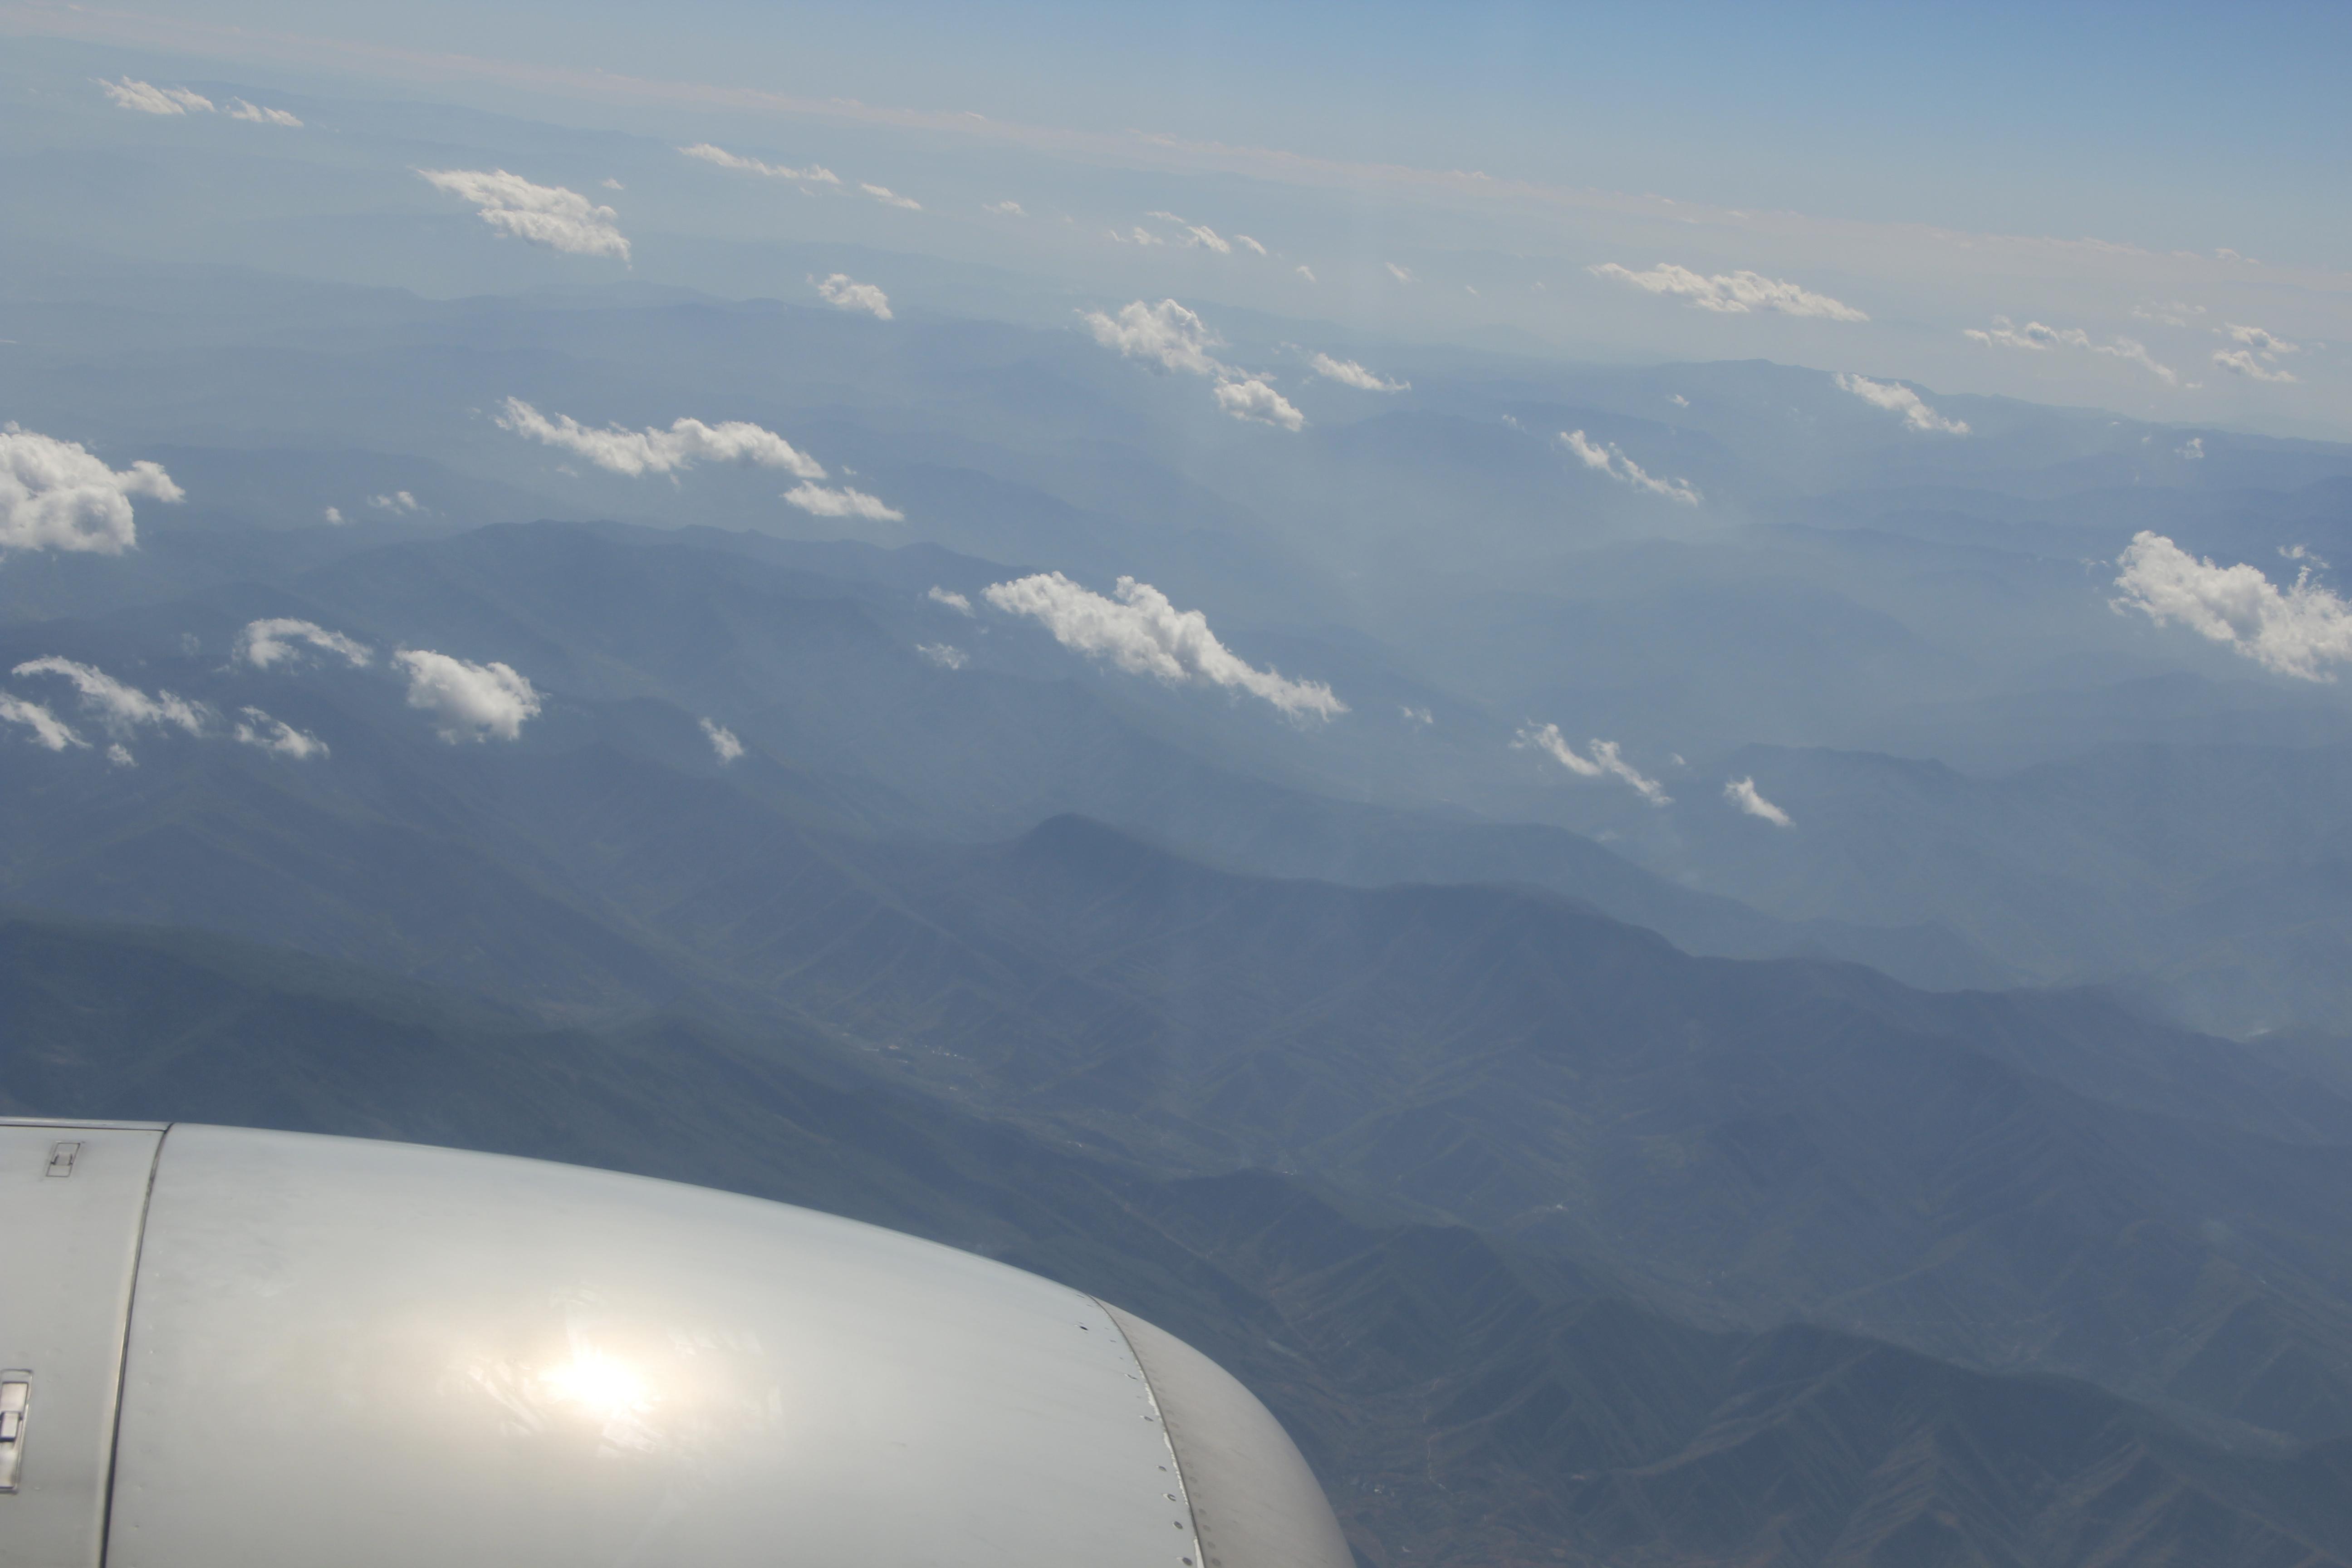 丽江古城 从飞机上往下看,青山叠翠,白云飘渺 机场